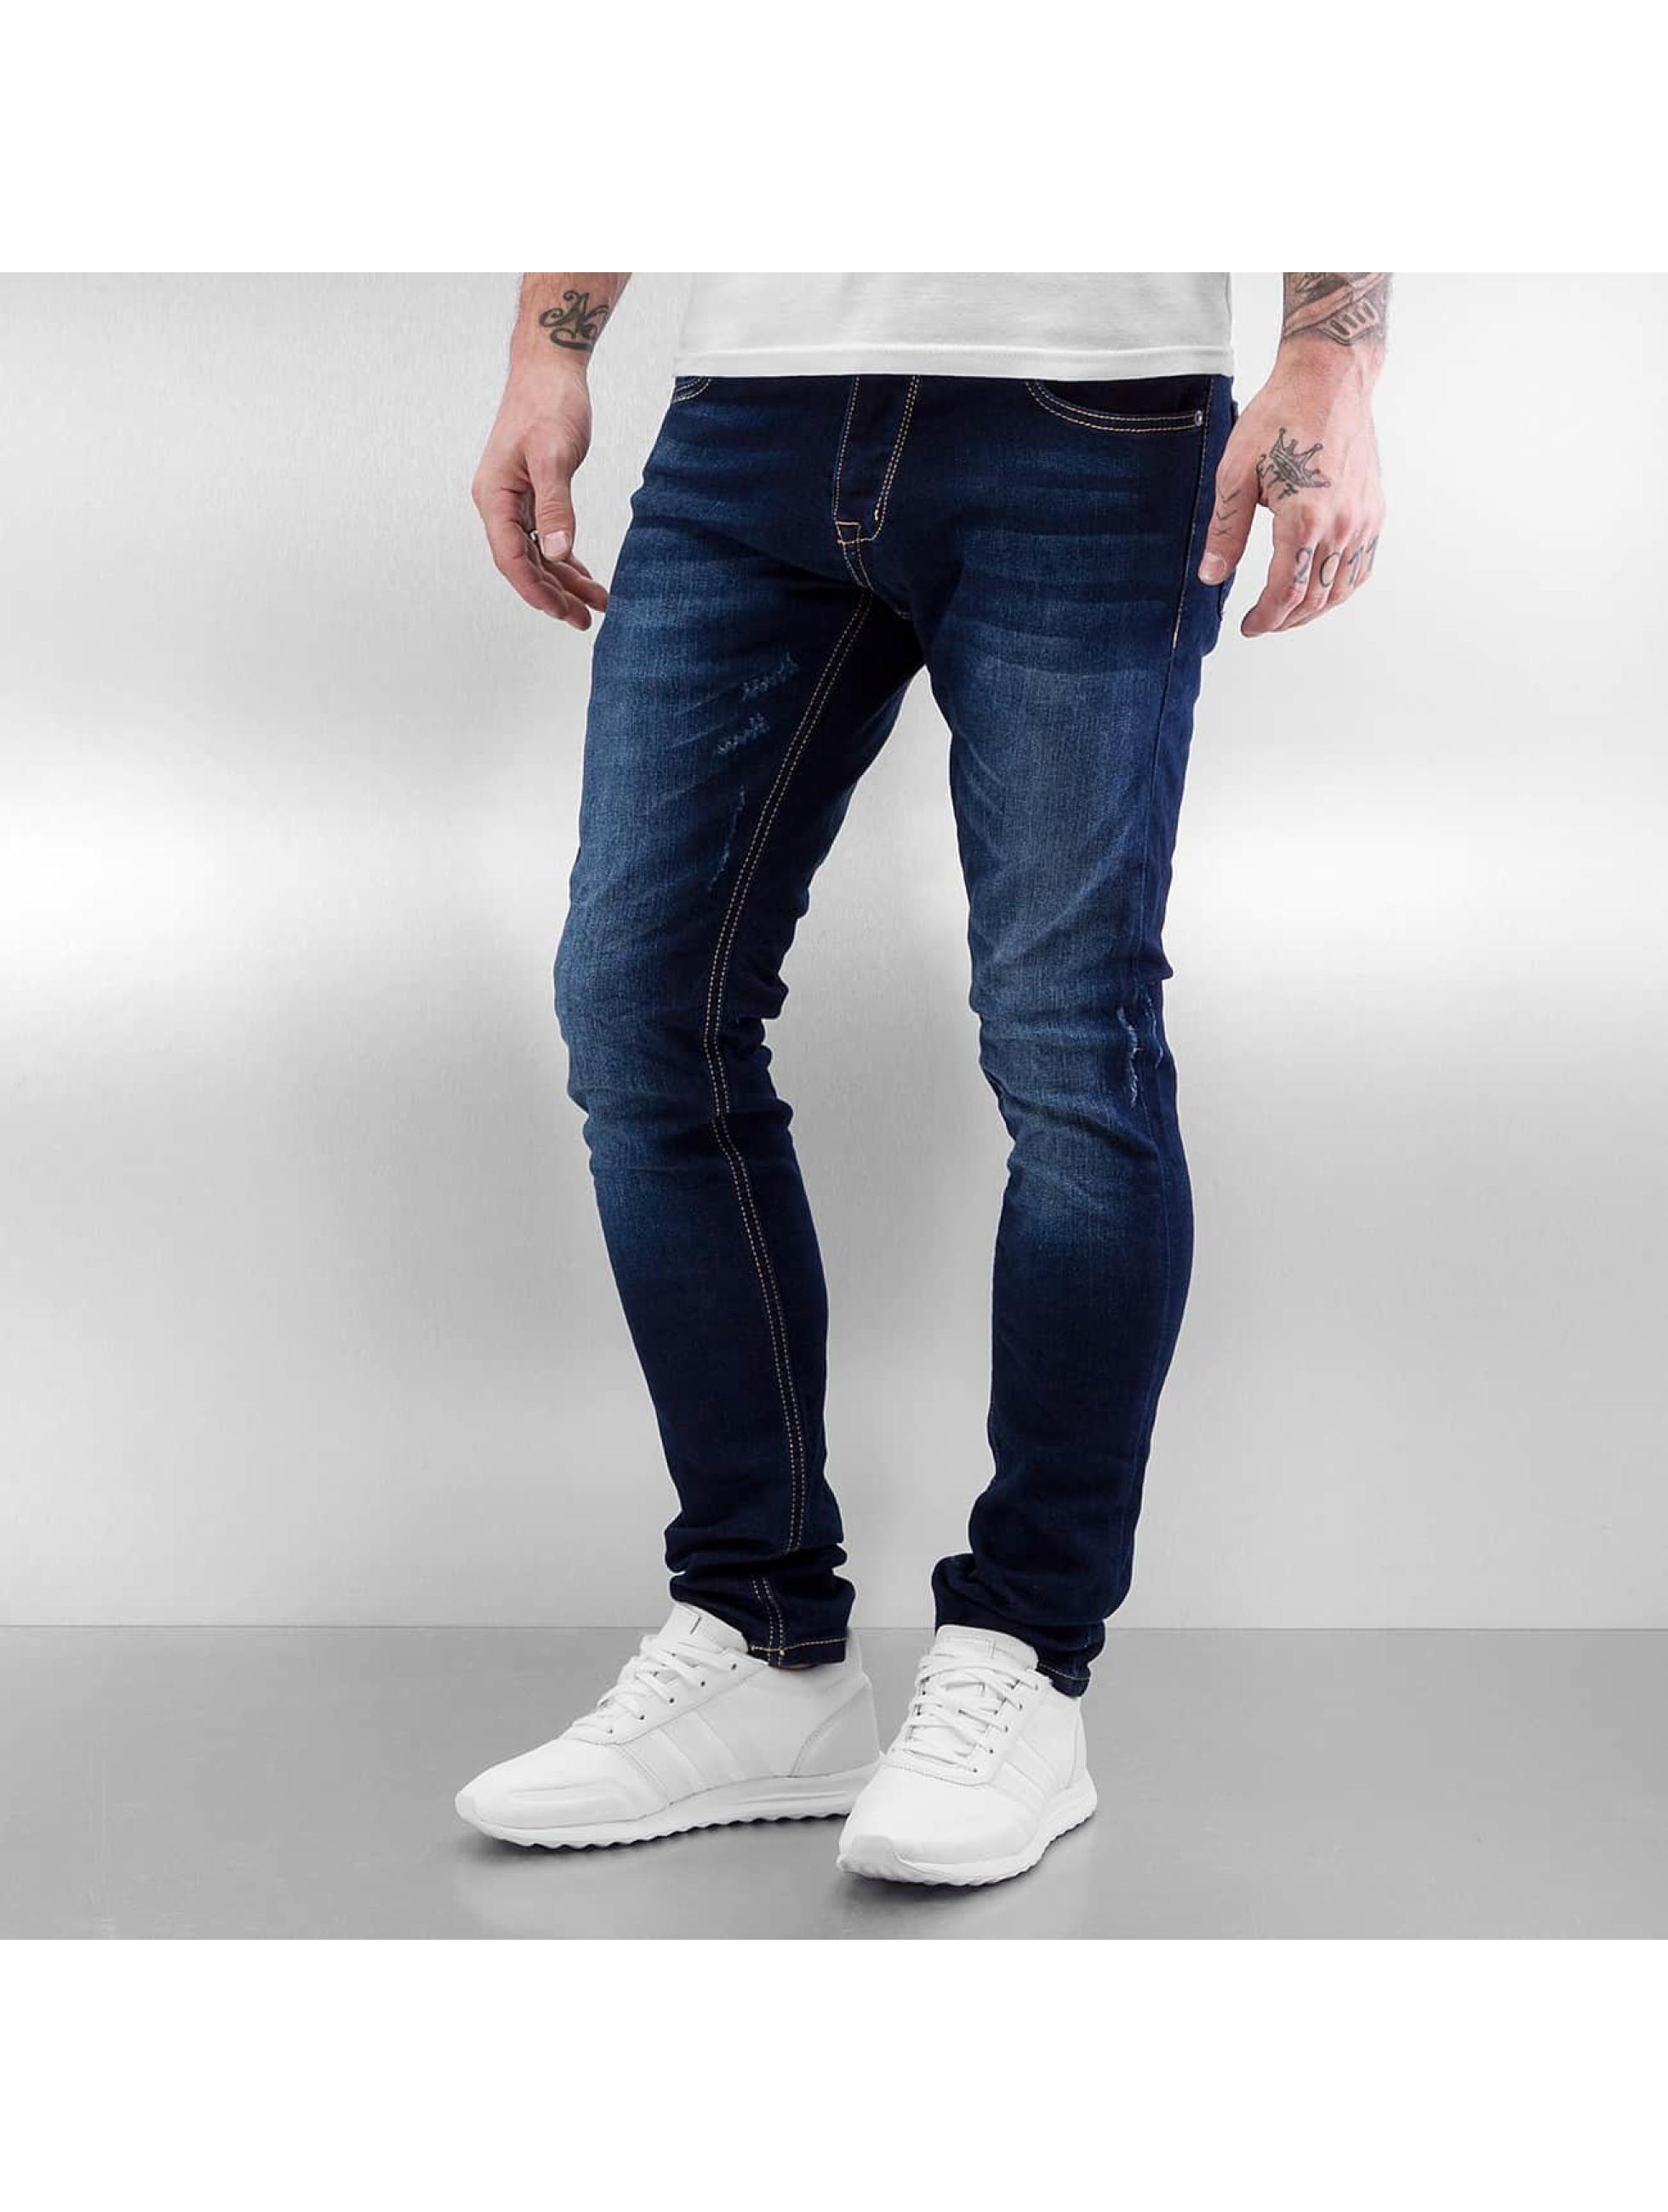 Skinny Jeans Gautam in blau